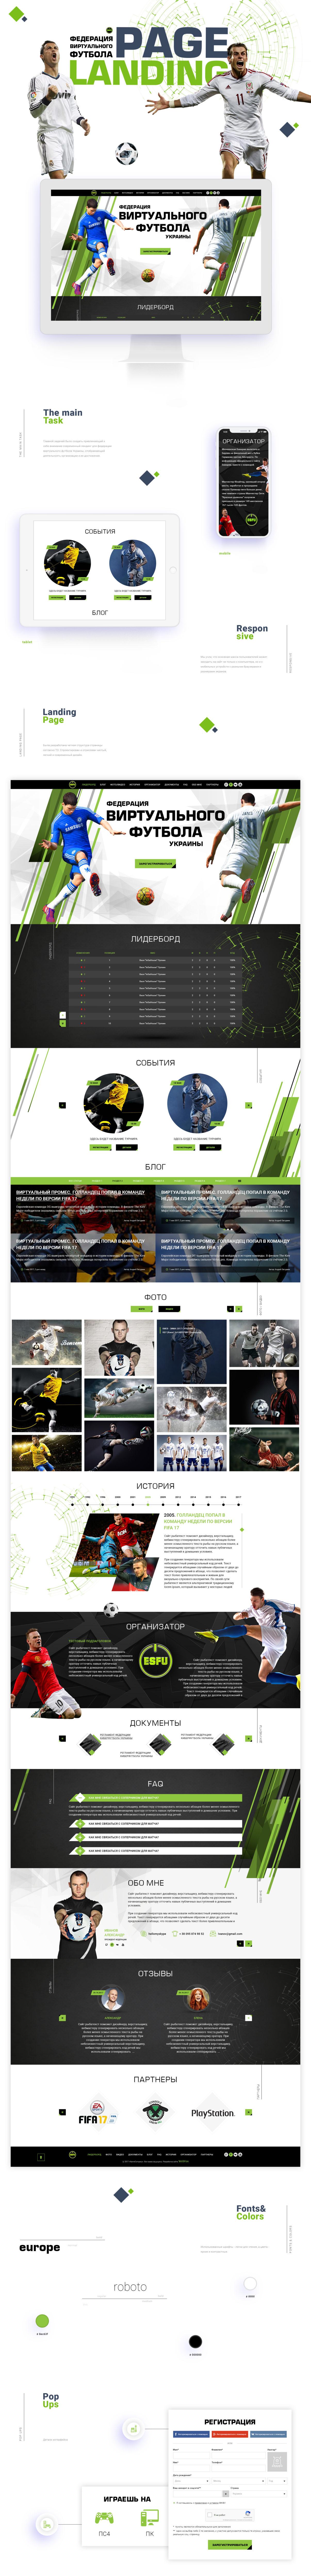 для федерации виртуального футбола Украины